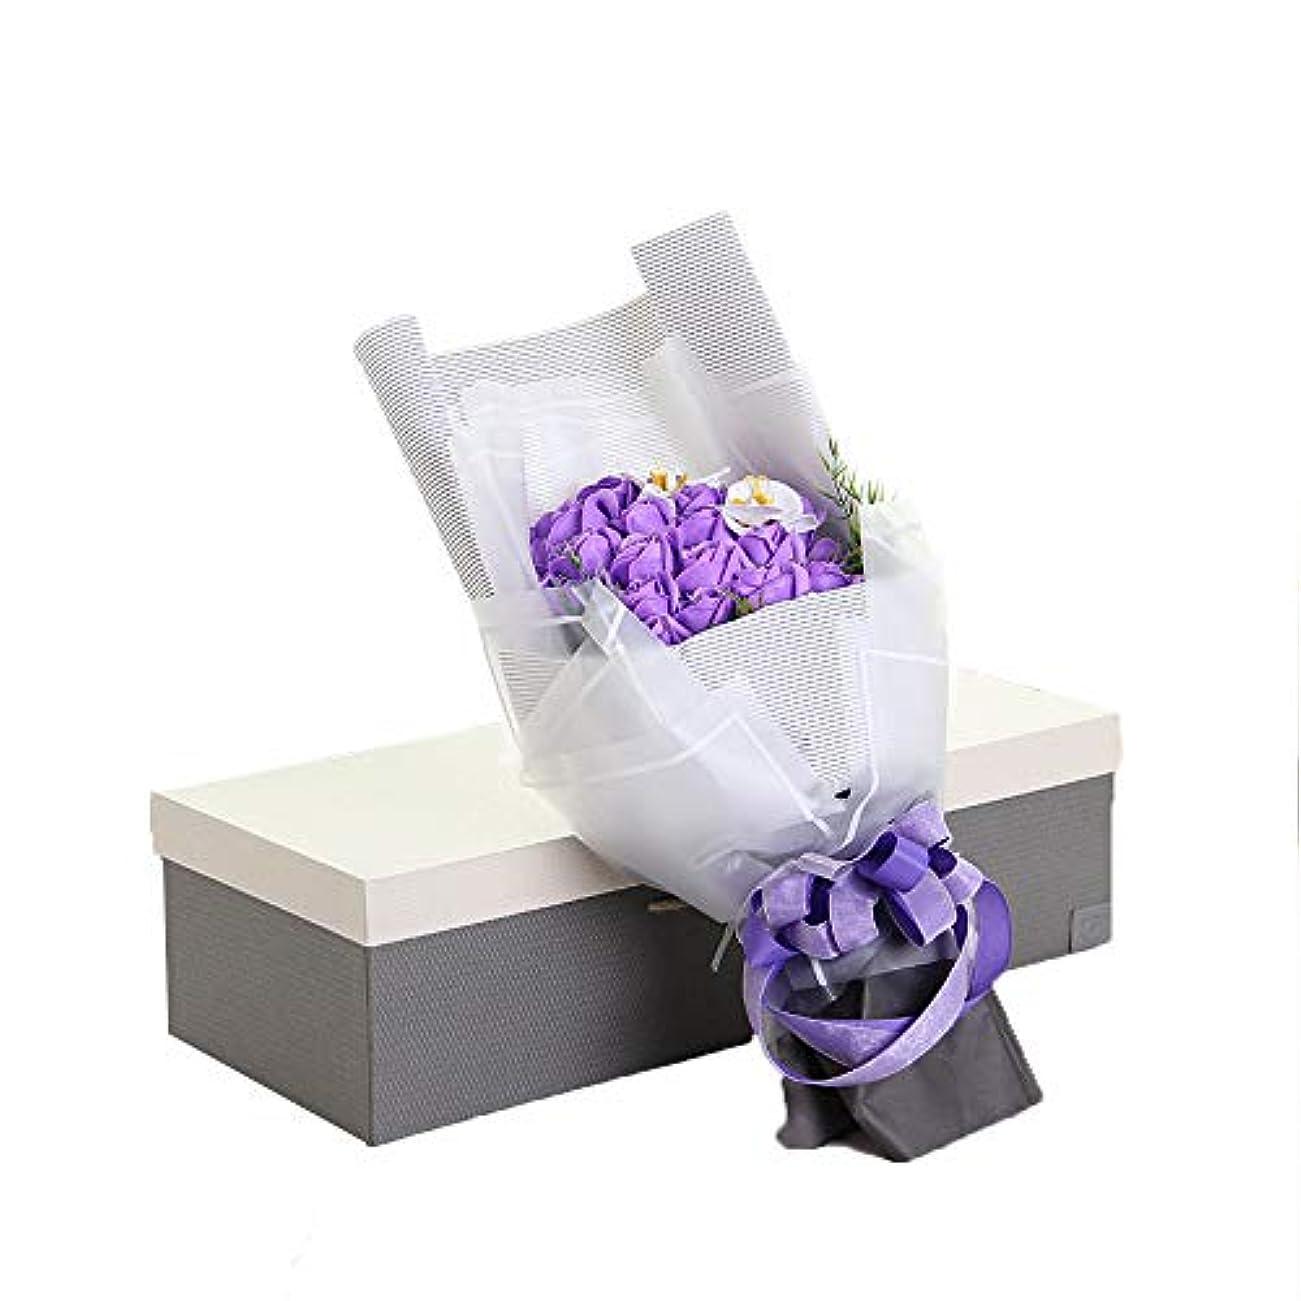 成長する受ける薬局手作り29石鹸花の花束ギフトボックス、女性のためのギフトバレンタインデー、母の日、結婚式、クリスマス、誕生日(ベアカラーランダム) (色 : 紫の)